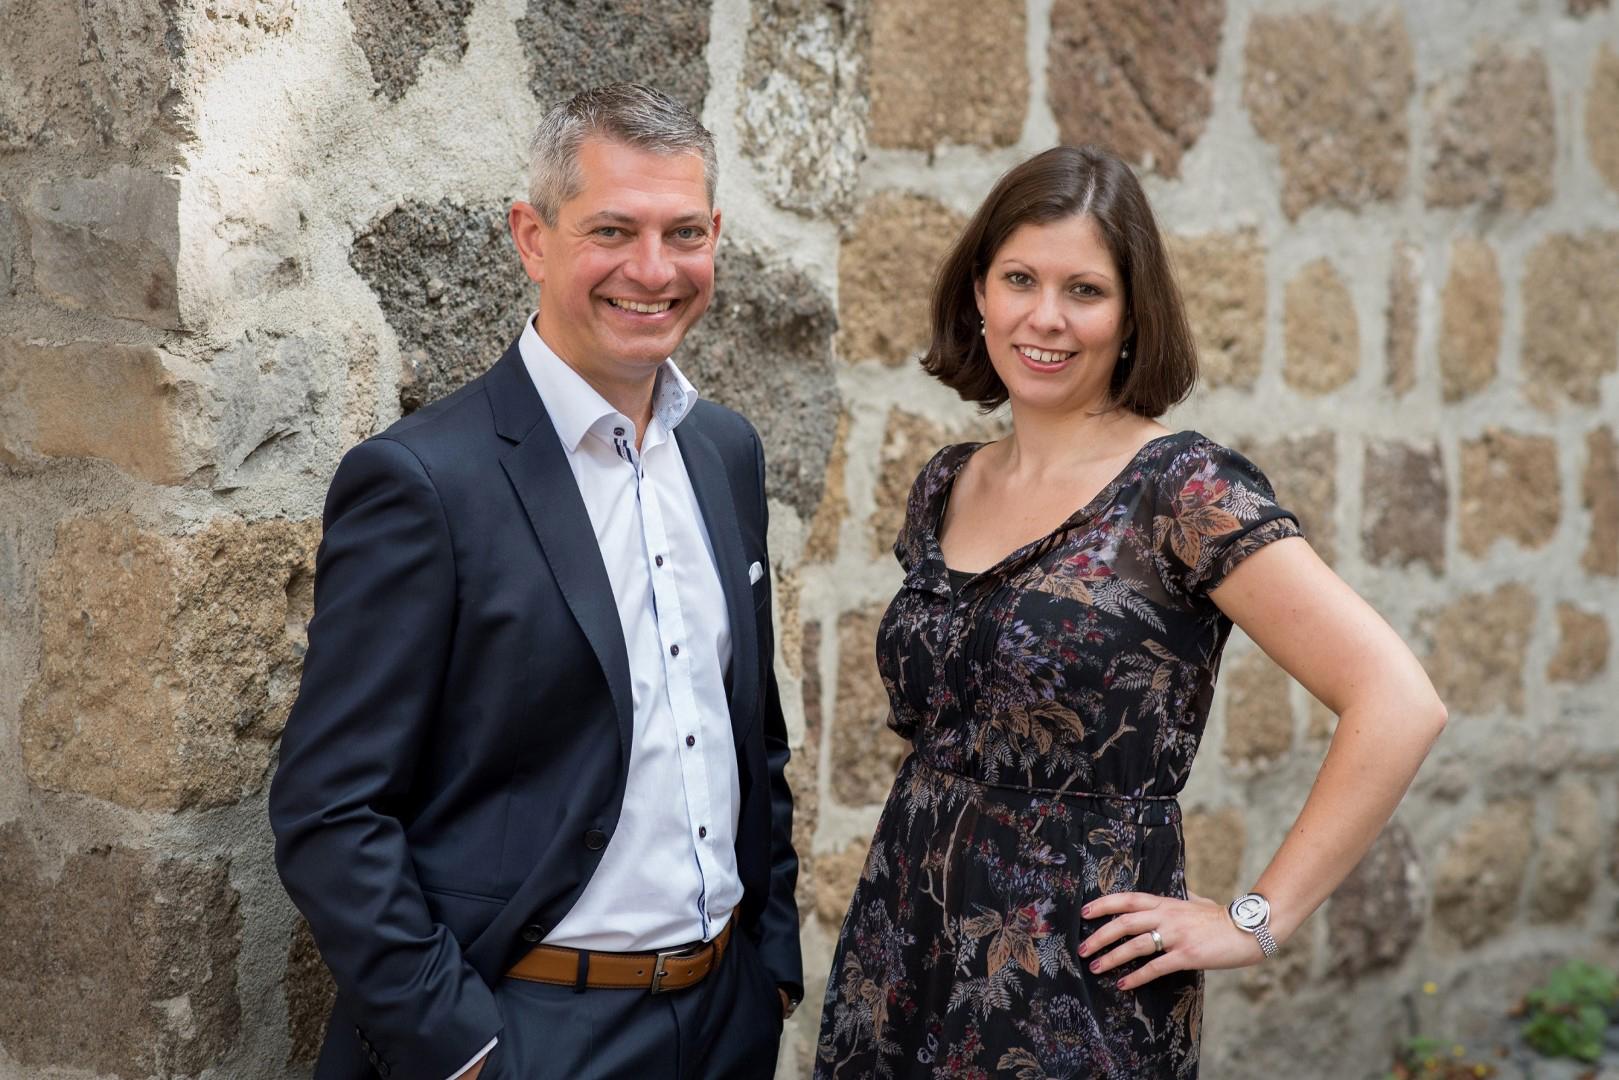 Das Bild zeigt Michael Wiesendorf und Tanja Geblonsky